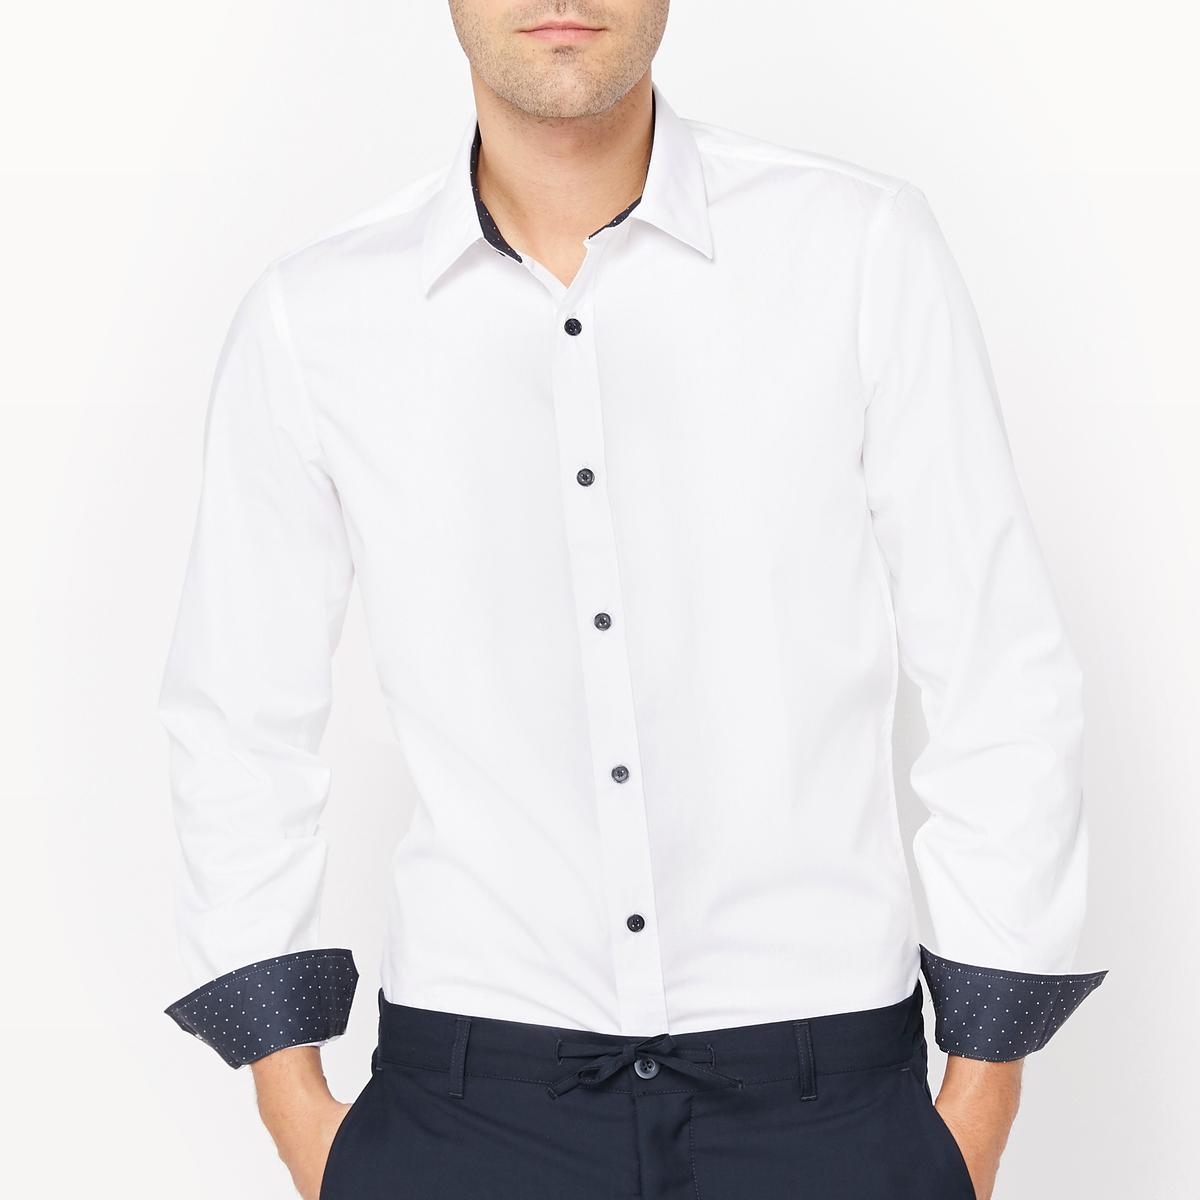 Рубашка узкого покрояРубашка. Детали с рисунком. Узкий покрой. длинные рукава. Итальянский воротник. Манжеты с застежкой на пуговицы.Состав и описаниеМатериал : 60% хлопка, 40% полиэстераДлина : 79 смМарка :      R ?ditionУходМашинная стирка при 30 °CСухая (химическая) чистка запрещенаОтбеливание запрещеноСтирка с вещами схожих цветовБарабанная сушка запрещена Гладить при средней температуре<br><br>Цвет: белый<br>Размер: 45/46.41/42